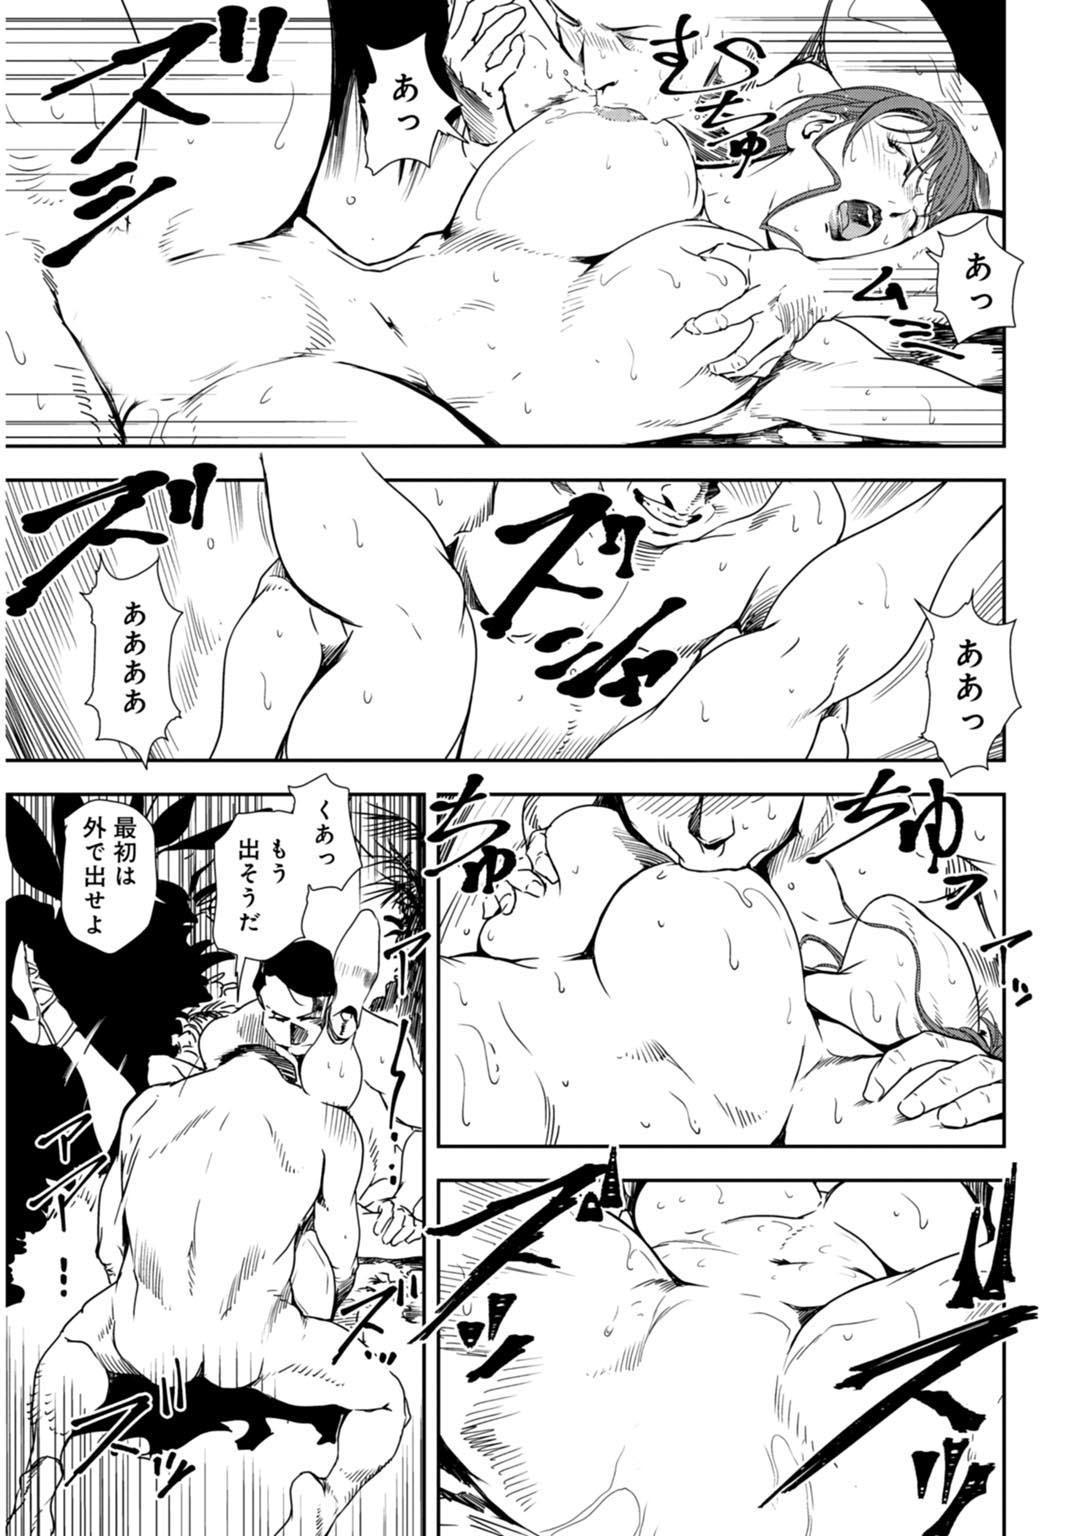 Nikuhisyo Yukiko 27 23